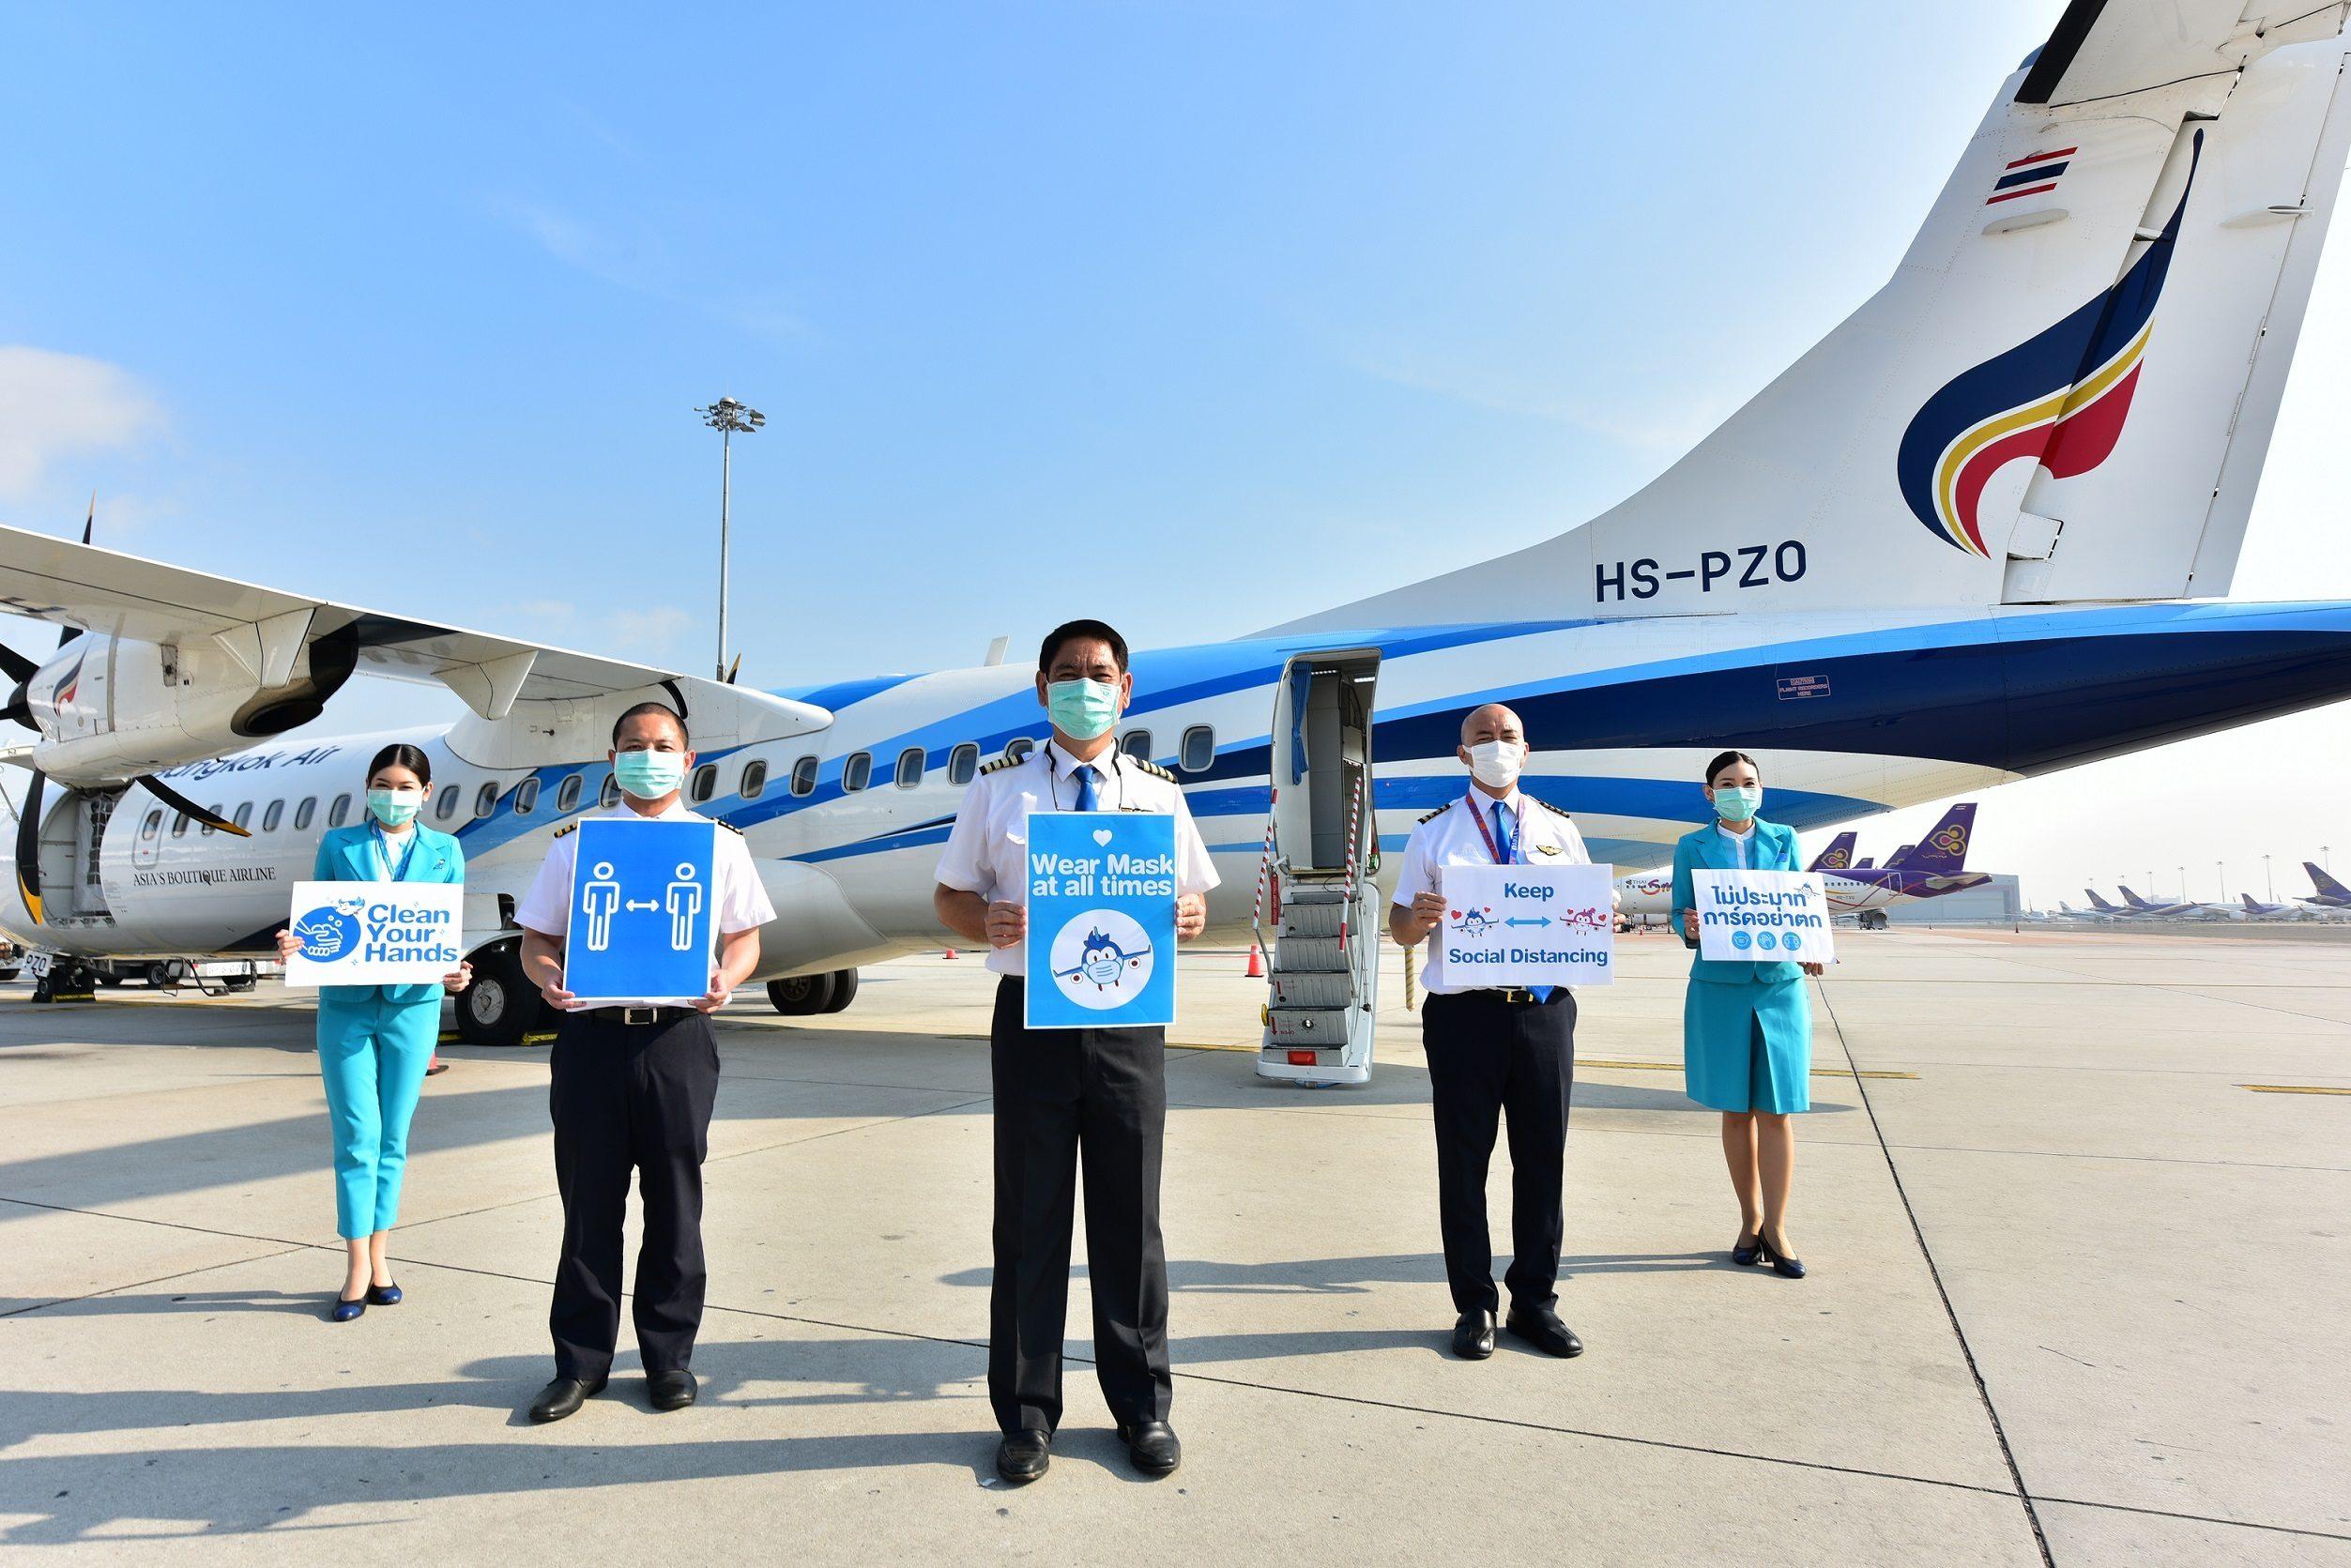 'บางกอกแอร์' เปิดบินวันแรกประเดิมเส้นทาง กรุงเทพฯ-สมุย 2 เที่ยวบิน พร้อมแจกหน้ากากผ้าให้ผู้โดยสาร